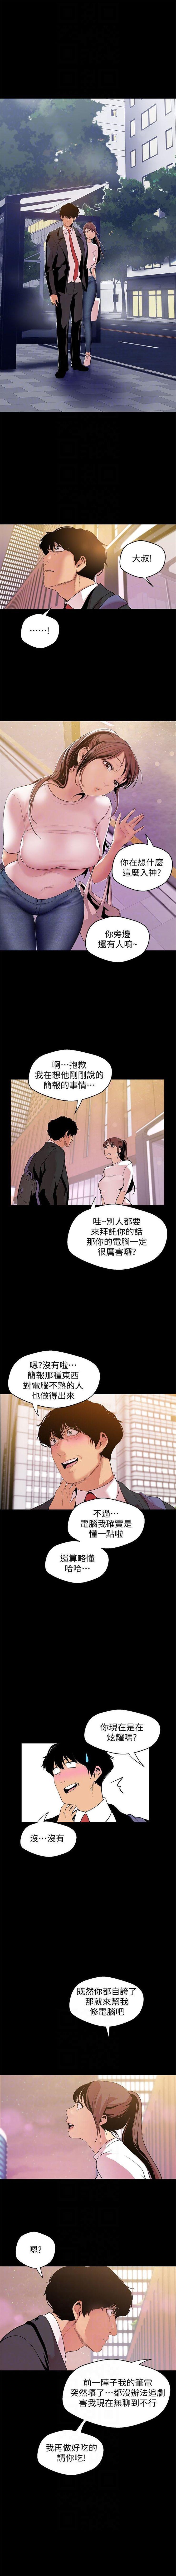 (週1)美麗新世界 1-70 中文翻譯 (更新中) 365